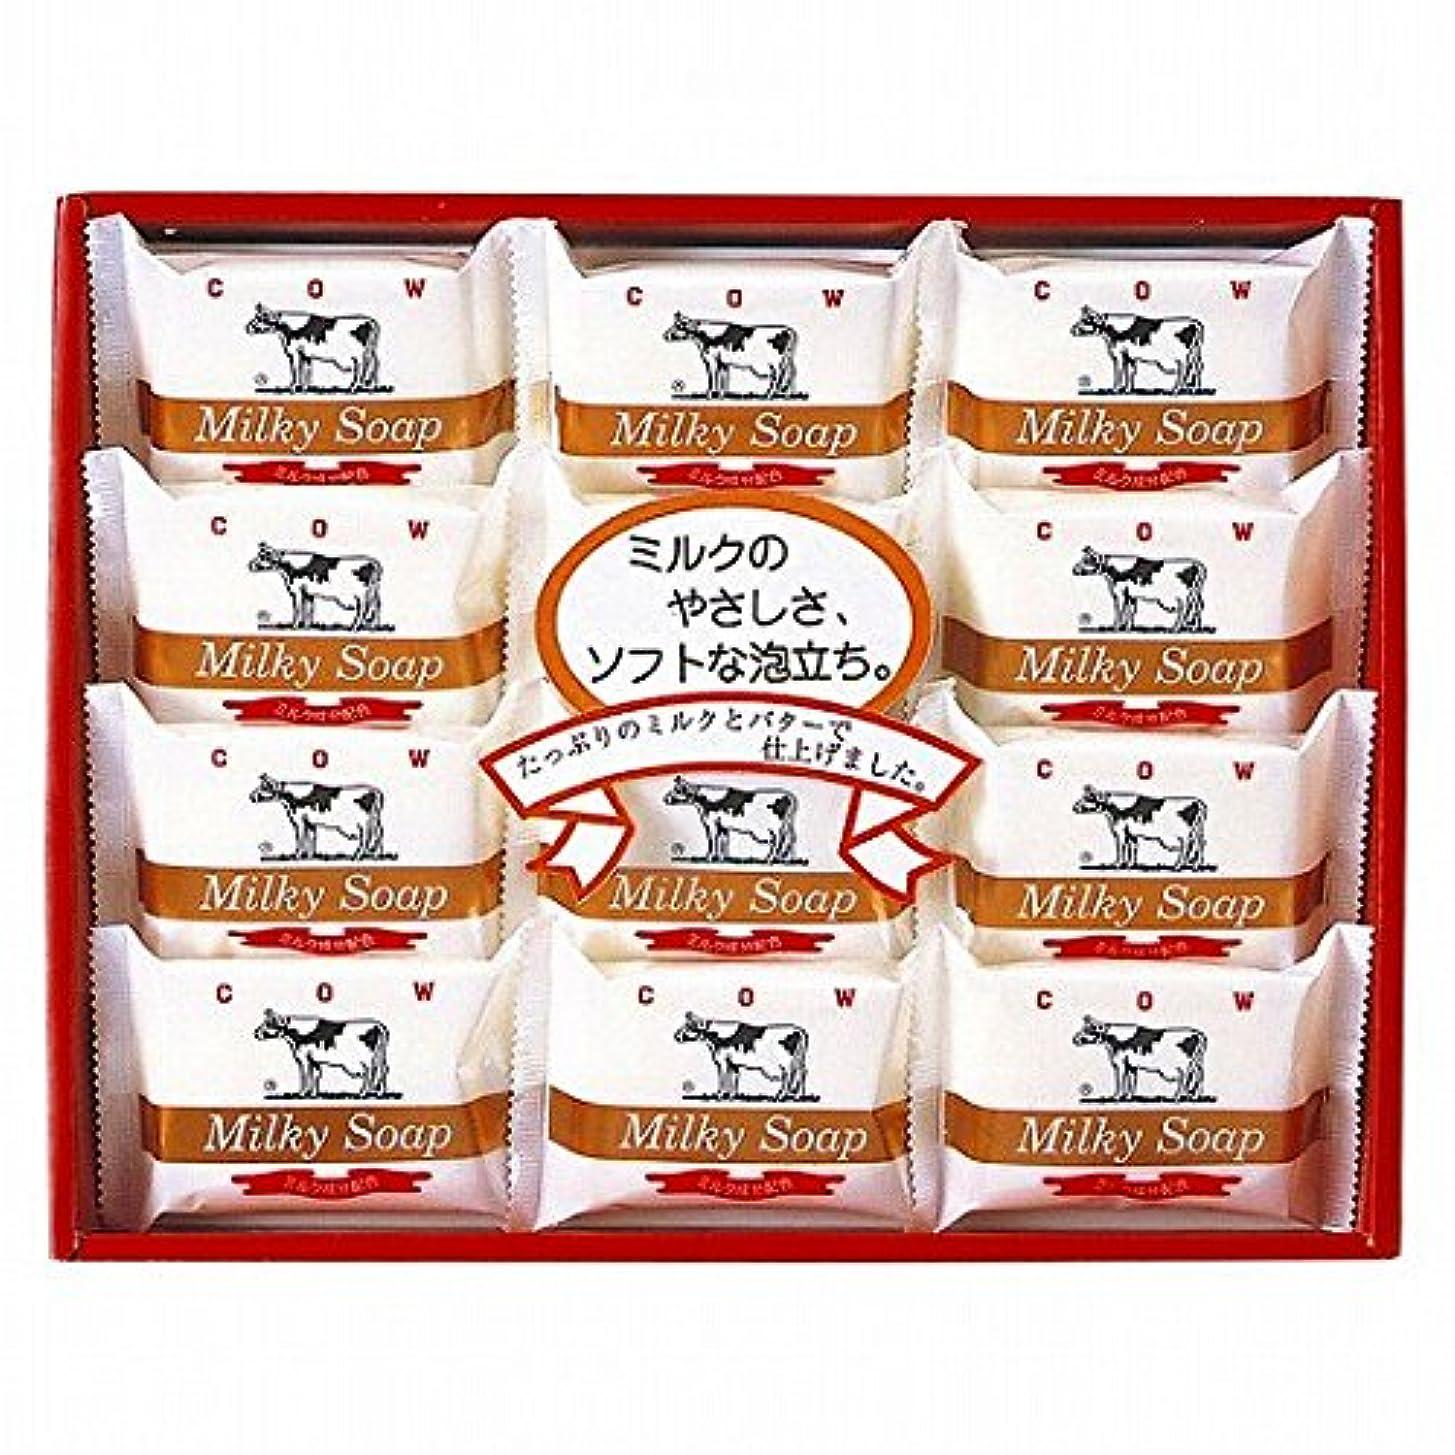 批評対立忘れっぽいnobrand 牛乳石鹸 ゴールドソープセット (21940005)